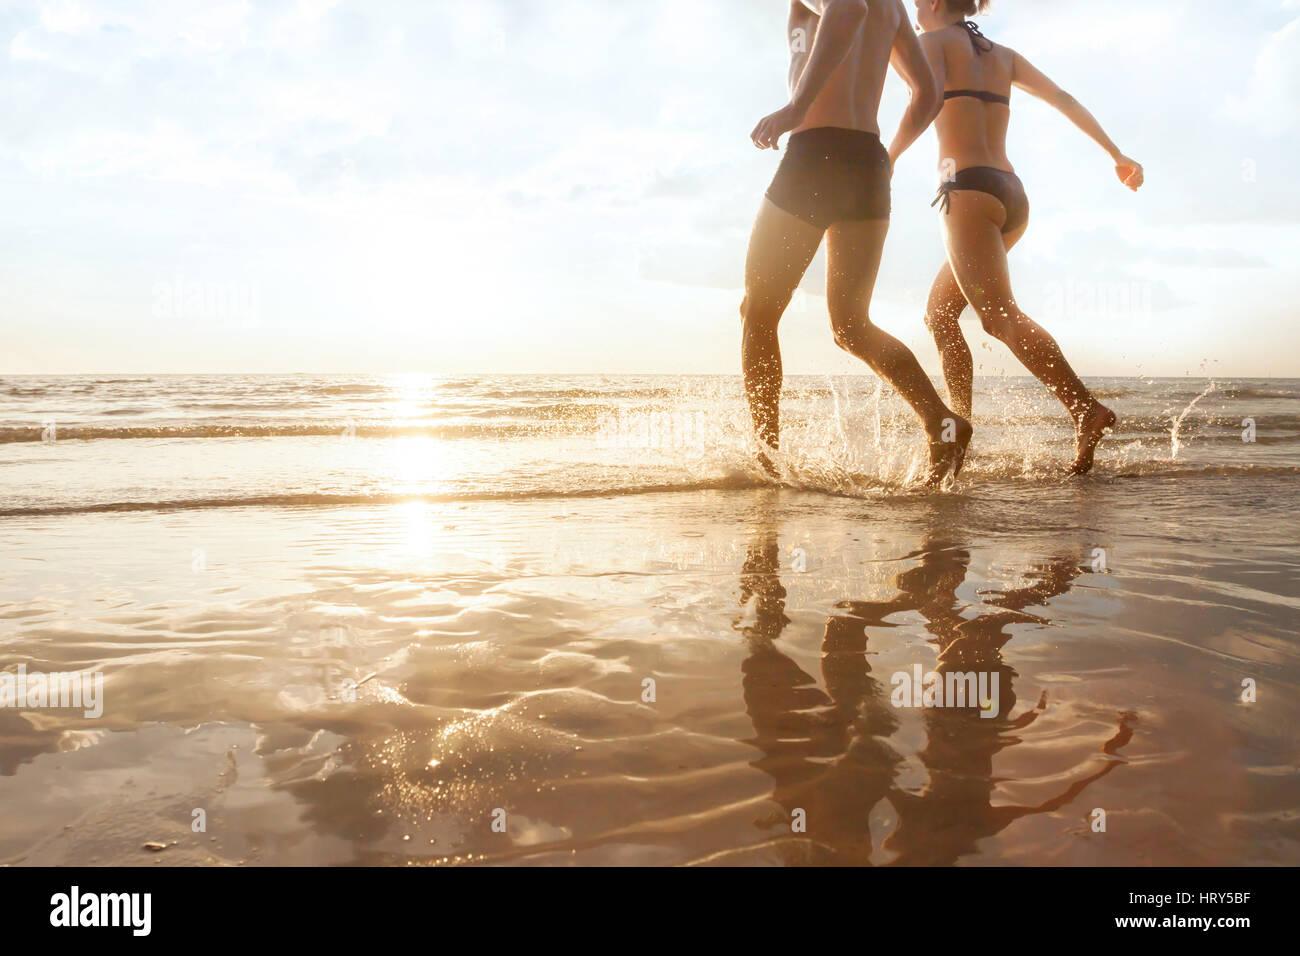 glückliches junges Paar läuft bis zum Meer am Strand bei Sonnenuntergang, Silhouetten von Mann und Frau, Stockbild